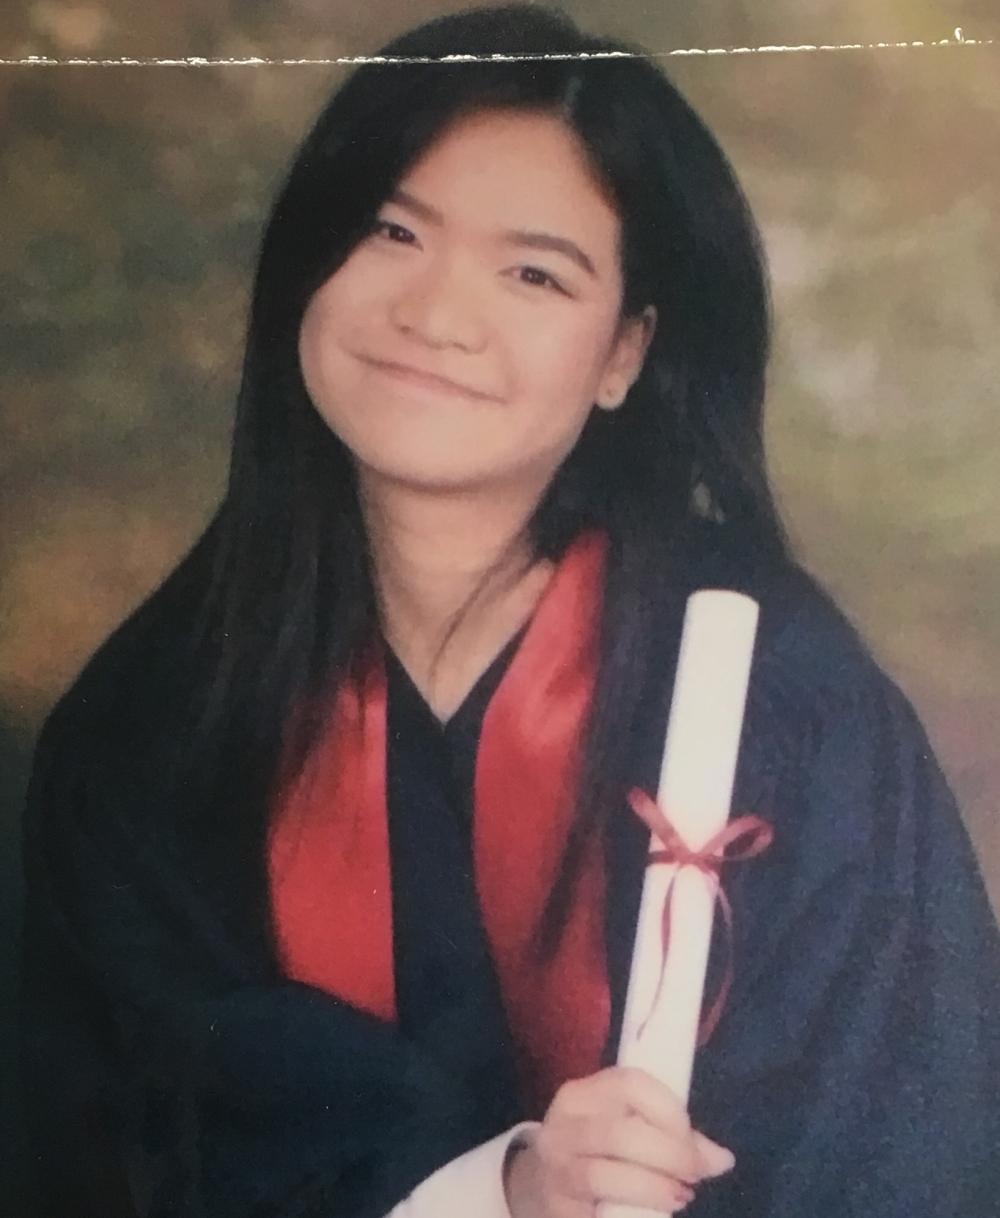 22歲女子楊汶蔚黃大仙失蹤3個月。警方提供